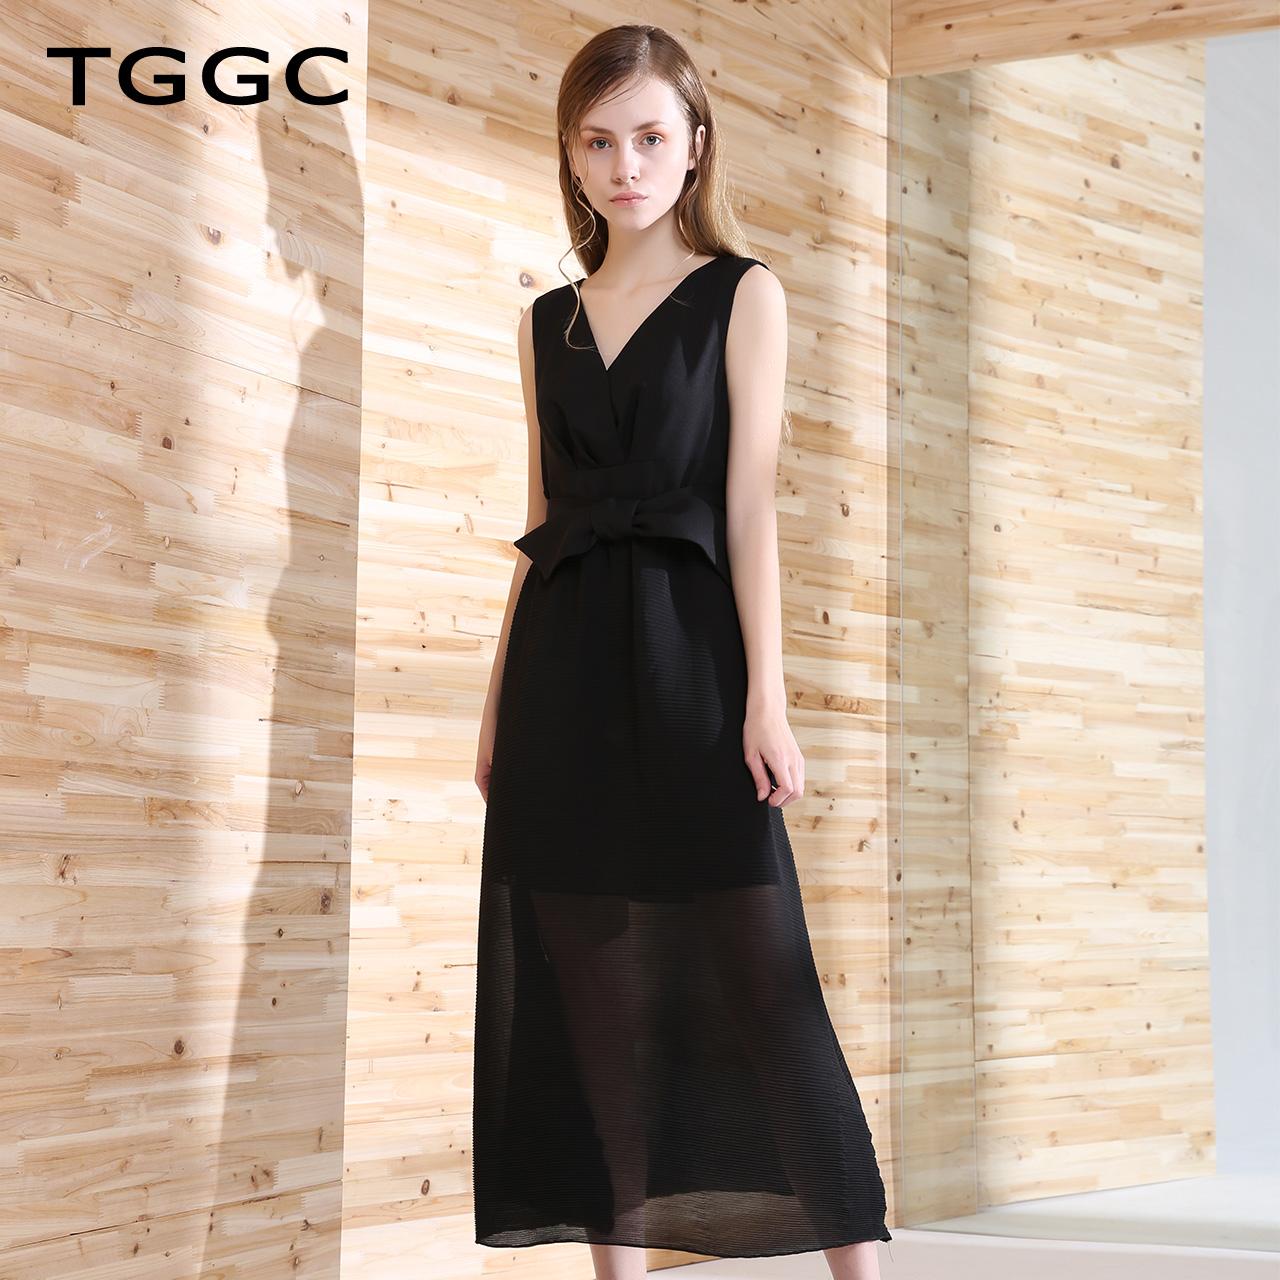 台绣夏装女装2018新款连衣裙女修身显瘦裙子无袖高腰长裙 F22566A